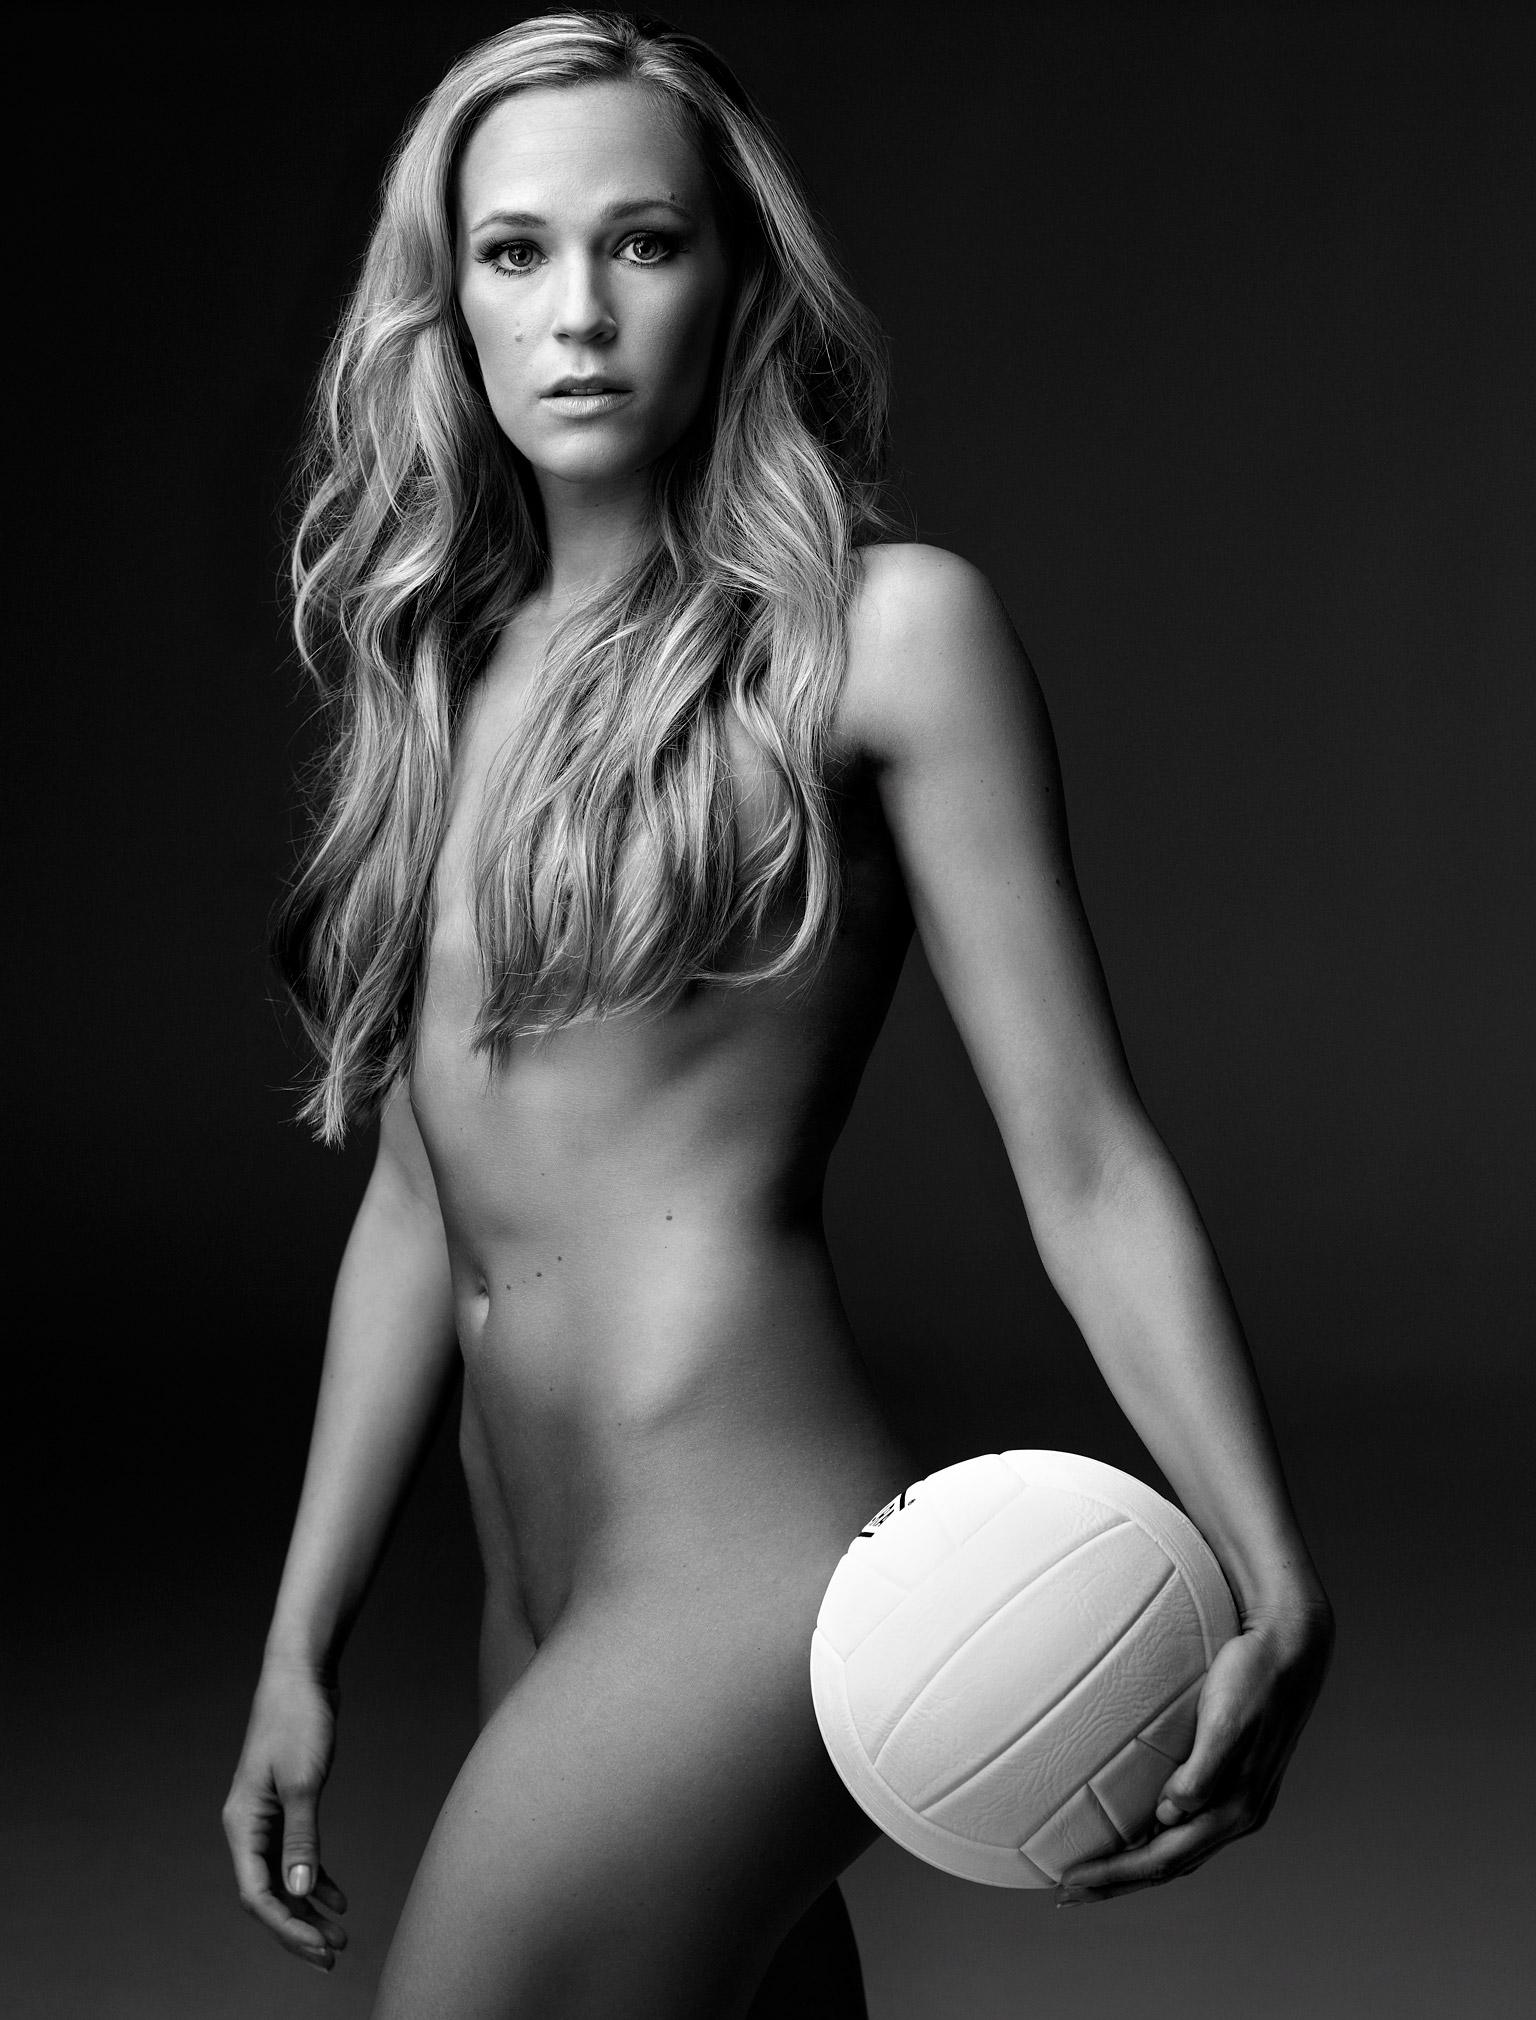 Volleyball Nellie Spicer Art Streiber ESPN Magazine